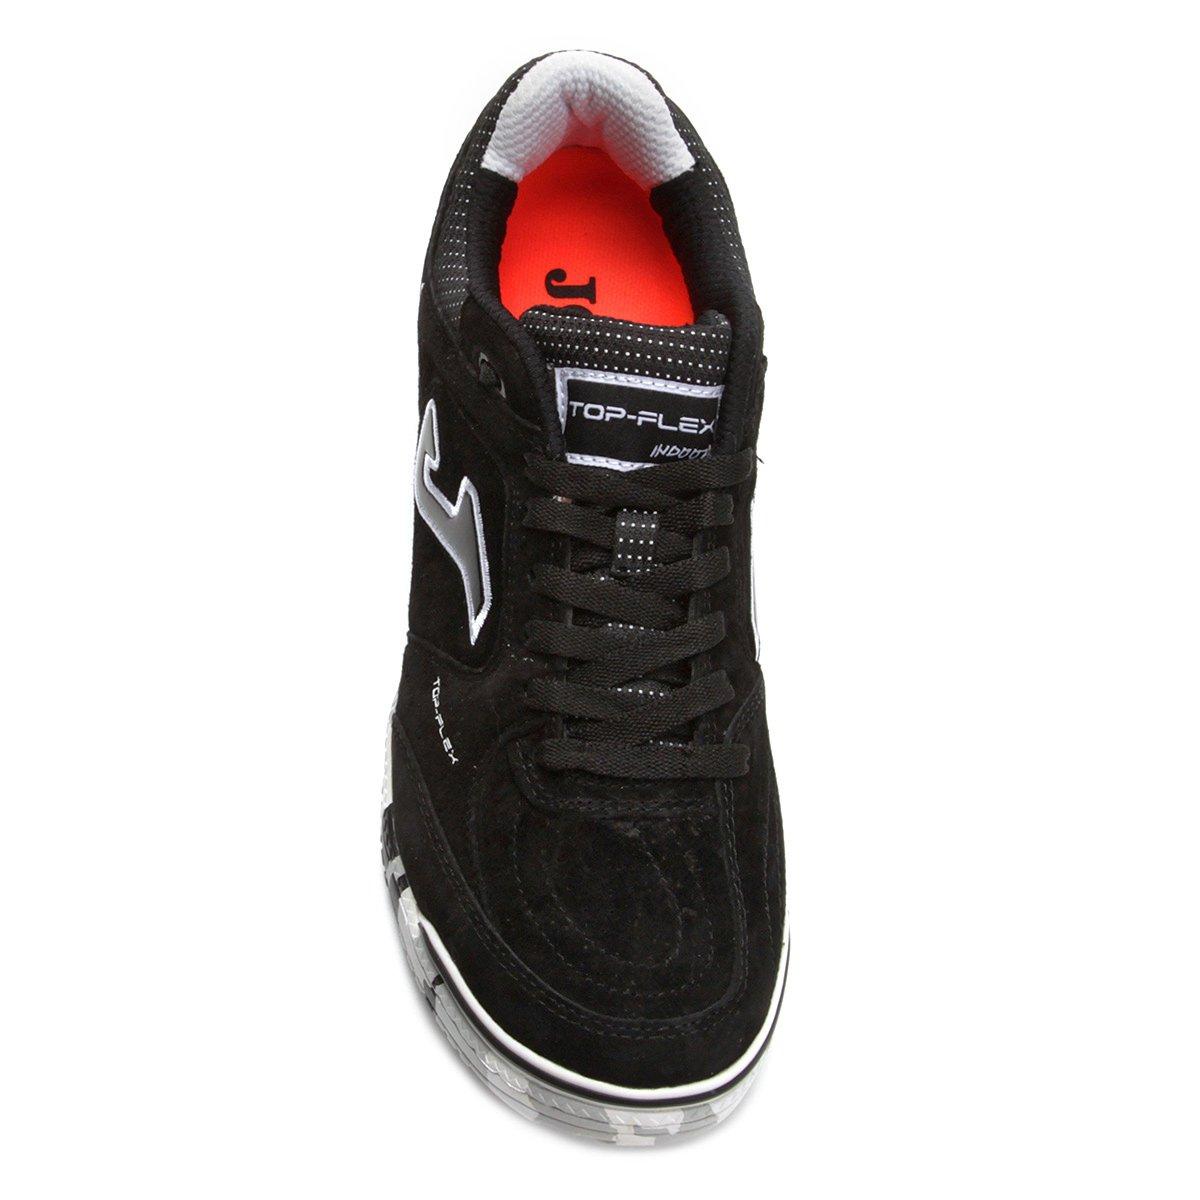 Chuteira Futsal Joma Top Flex Nobuck 821 IN - Preto - Compre Agora ... 0f70ee5a57780